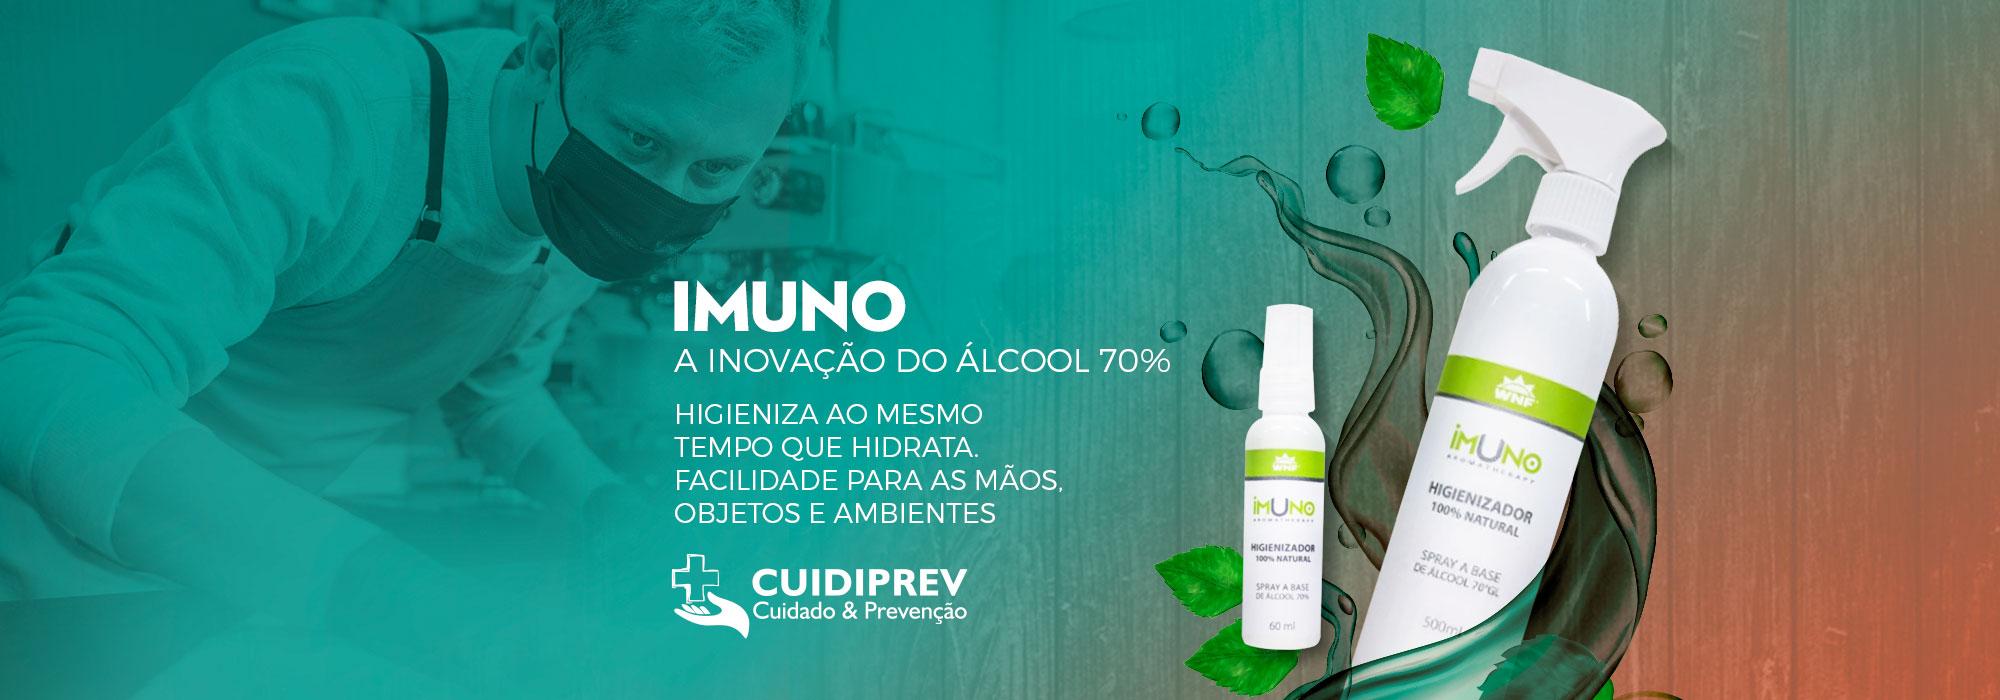 banner Cuidiprev Imuno